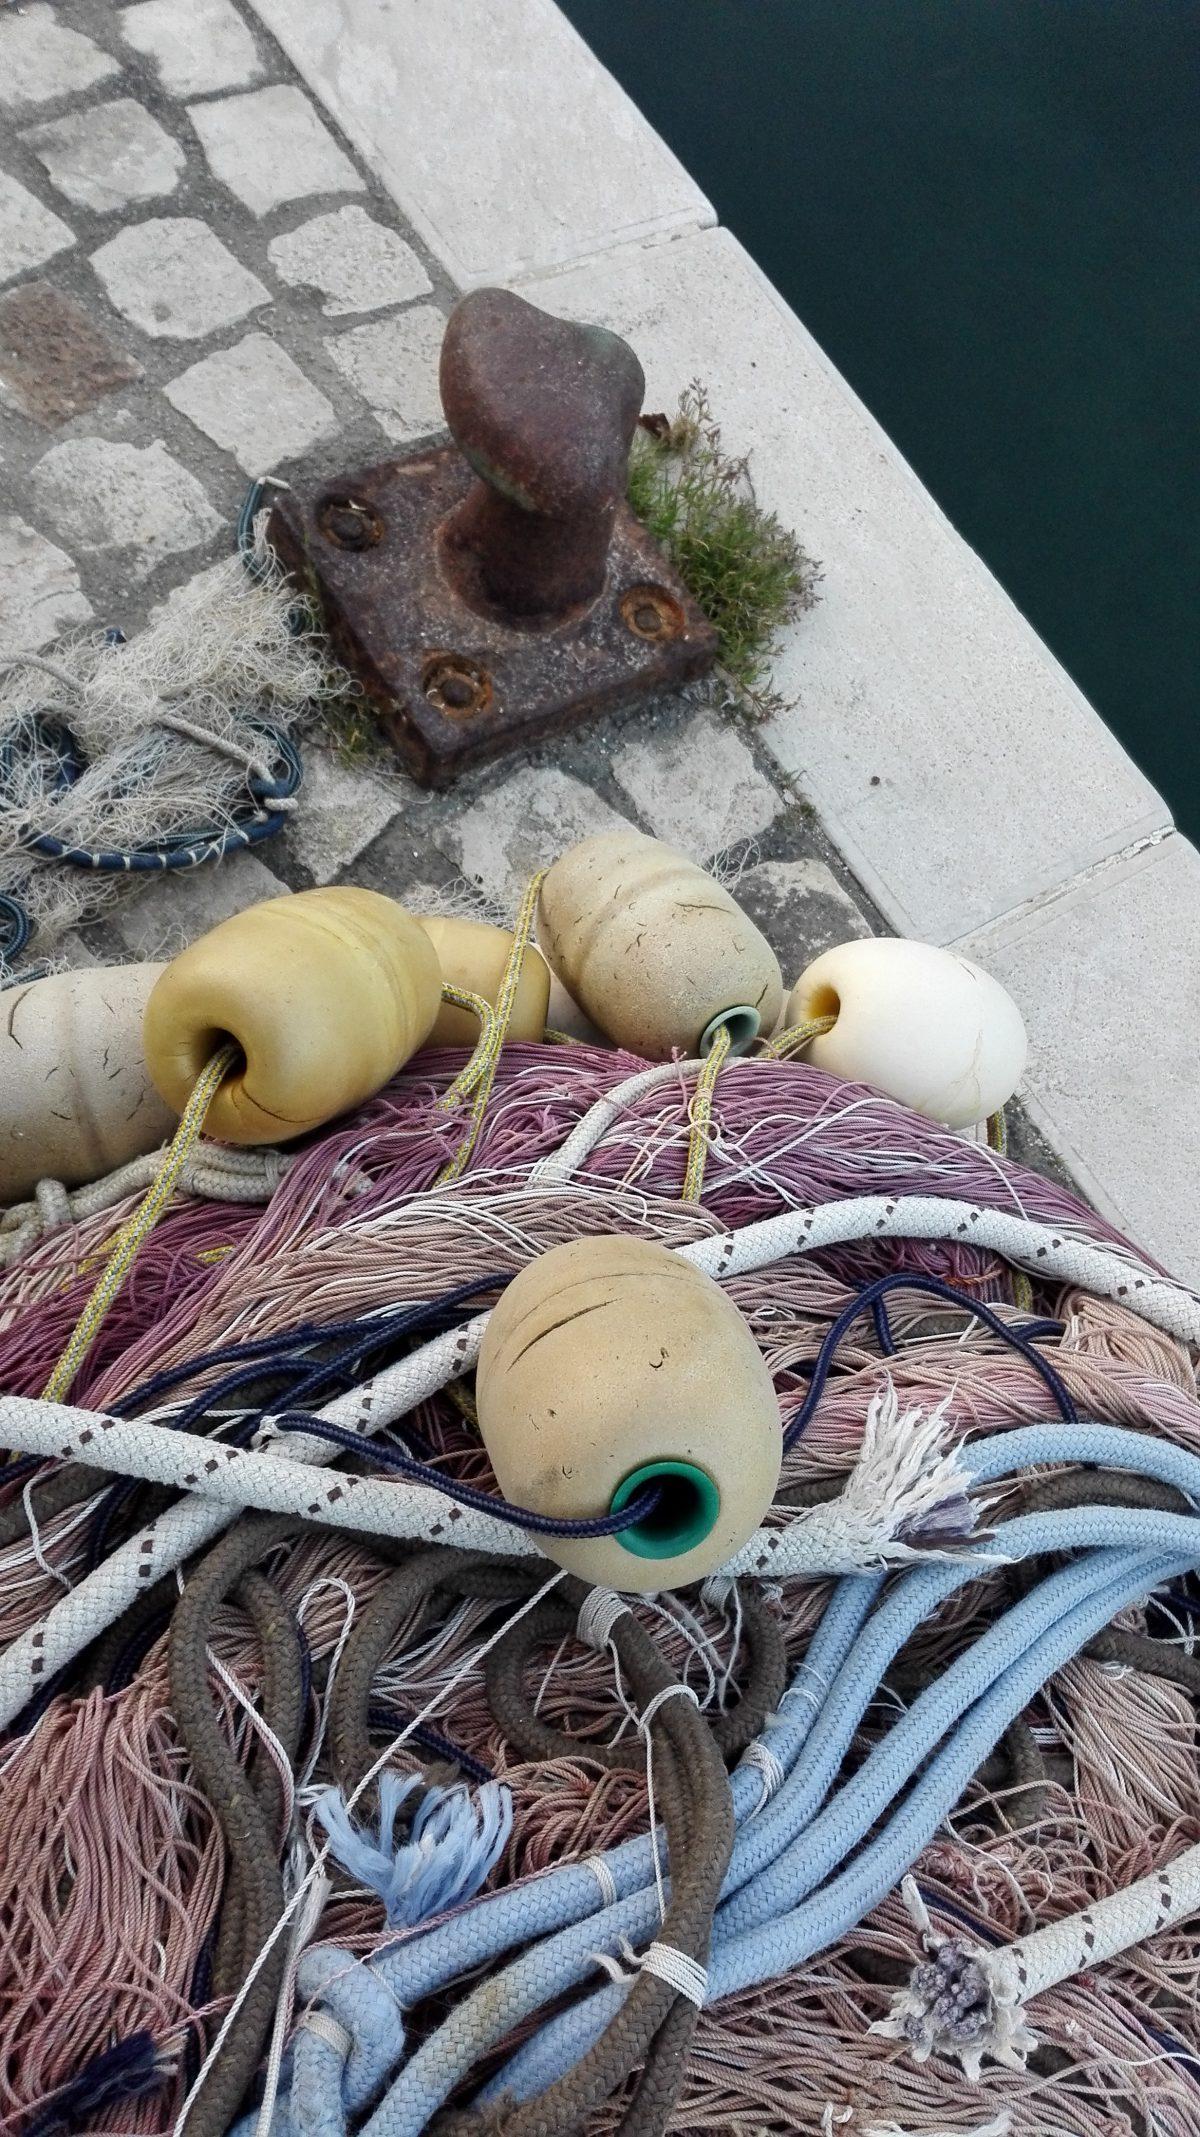 Il disordine ordinato delle reti da pesca -foto Marco Costarelli